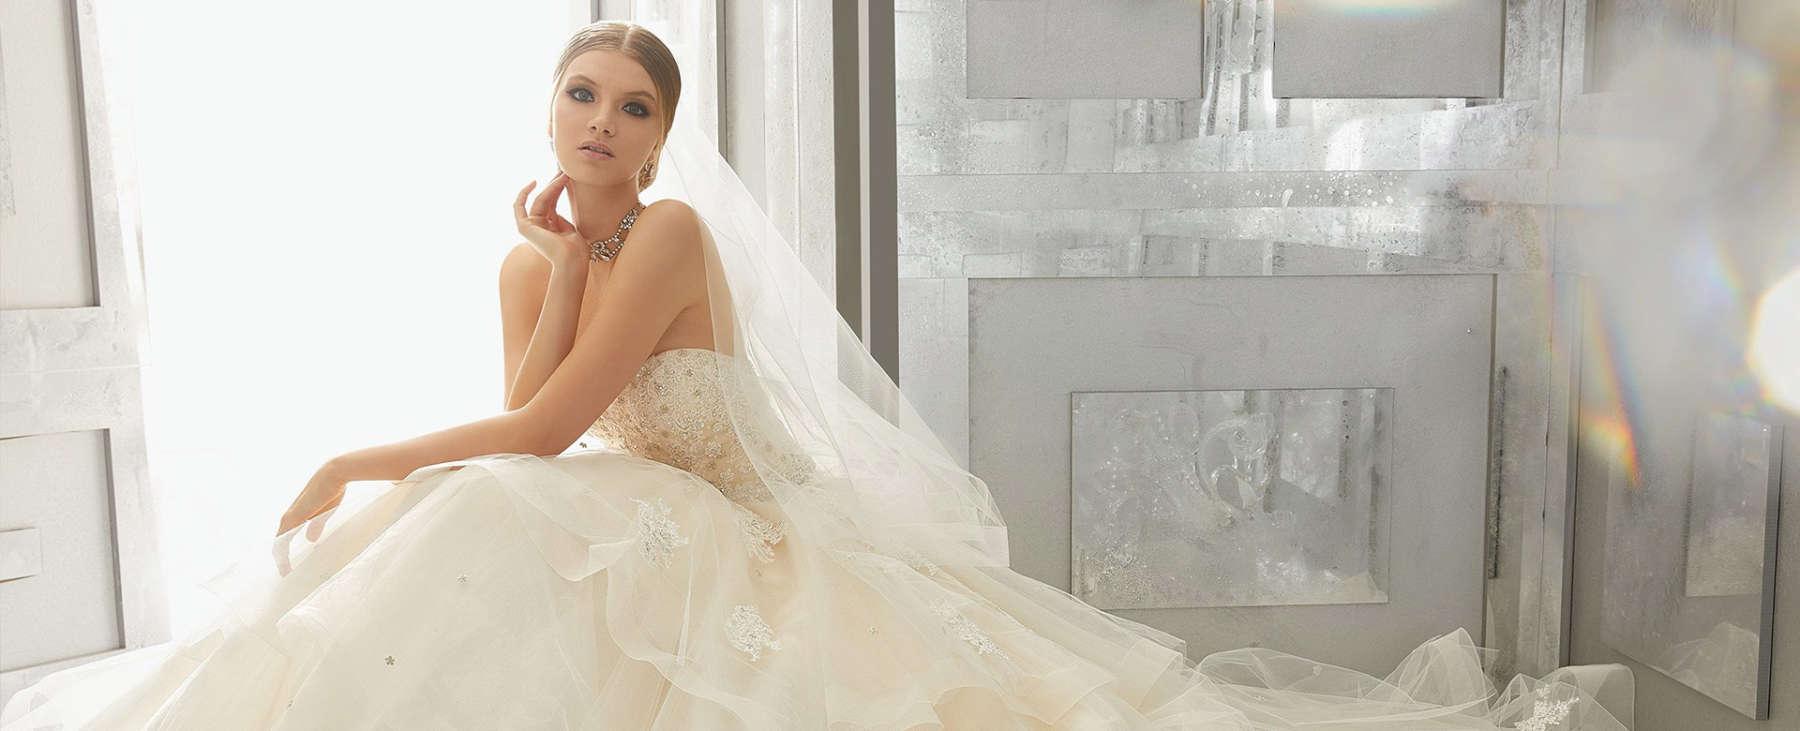 Свадебный салон в Киеве - огромный выбор платьев